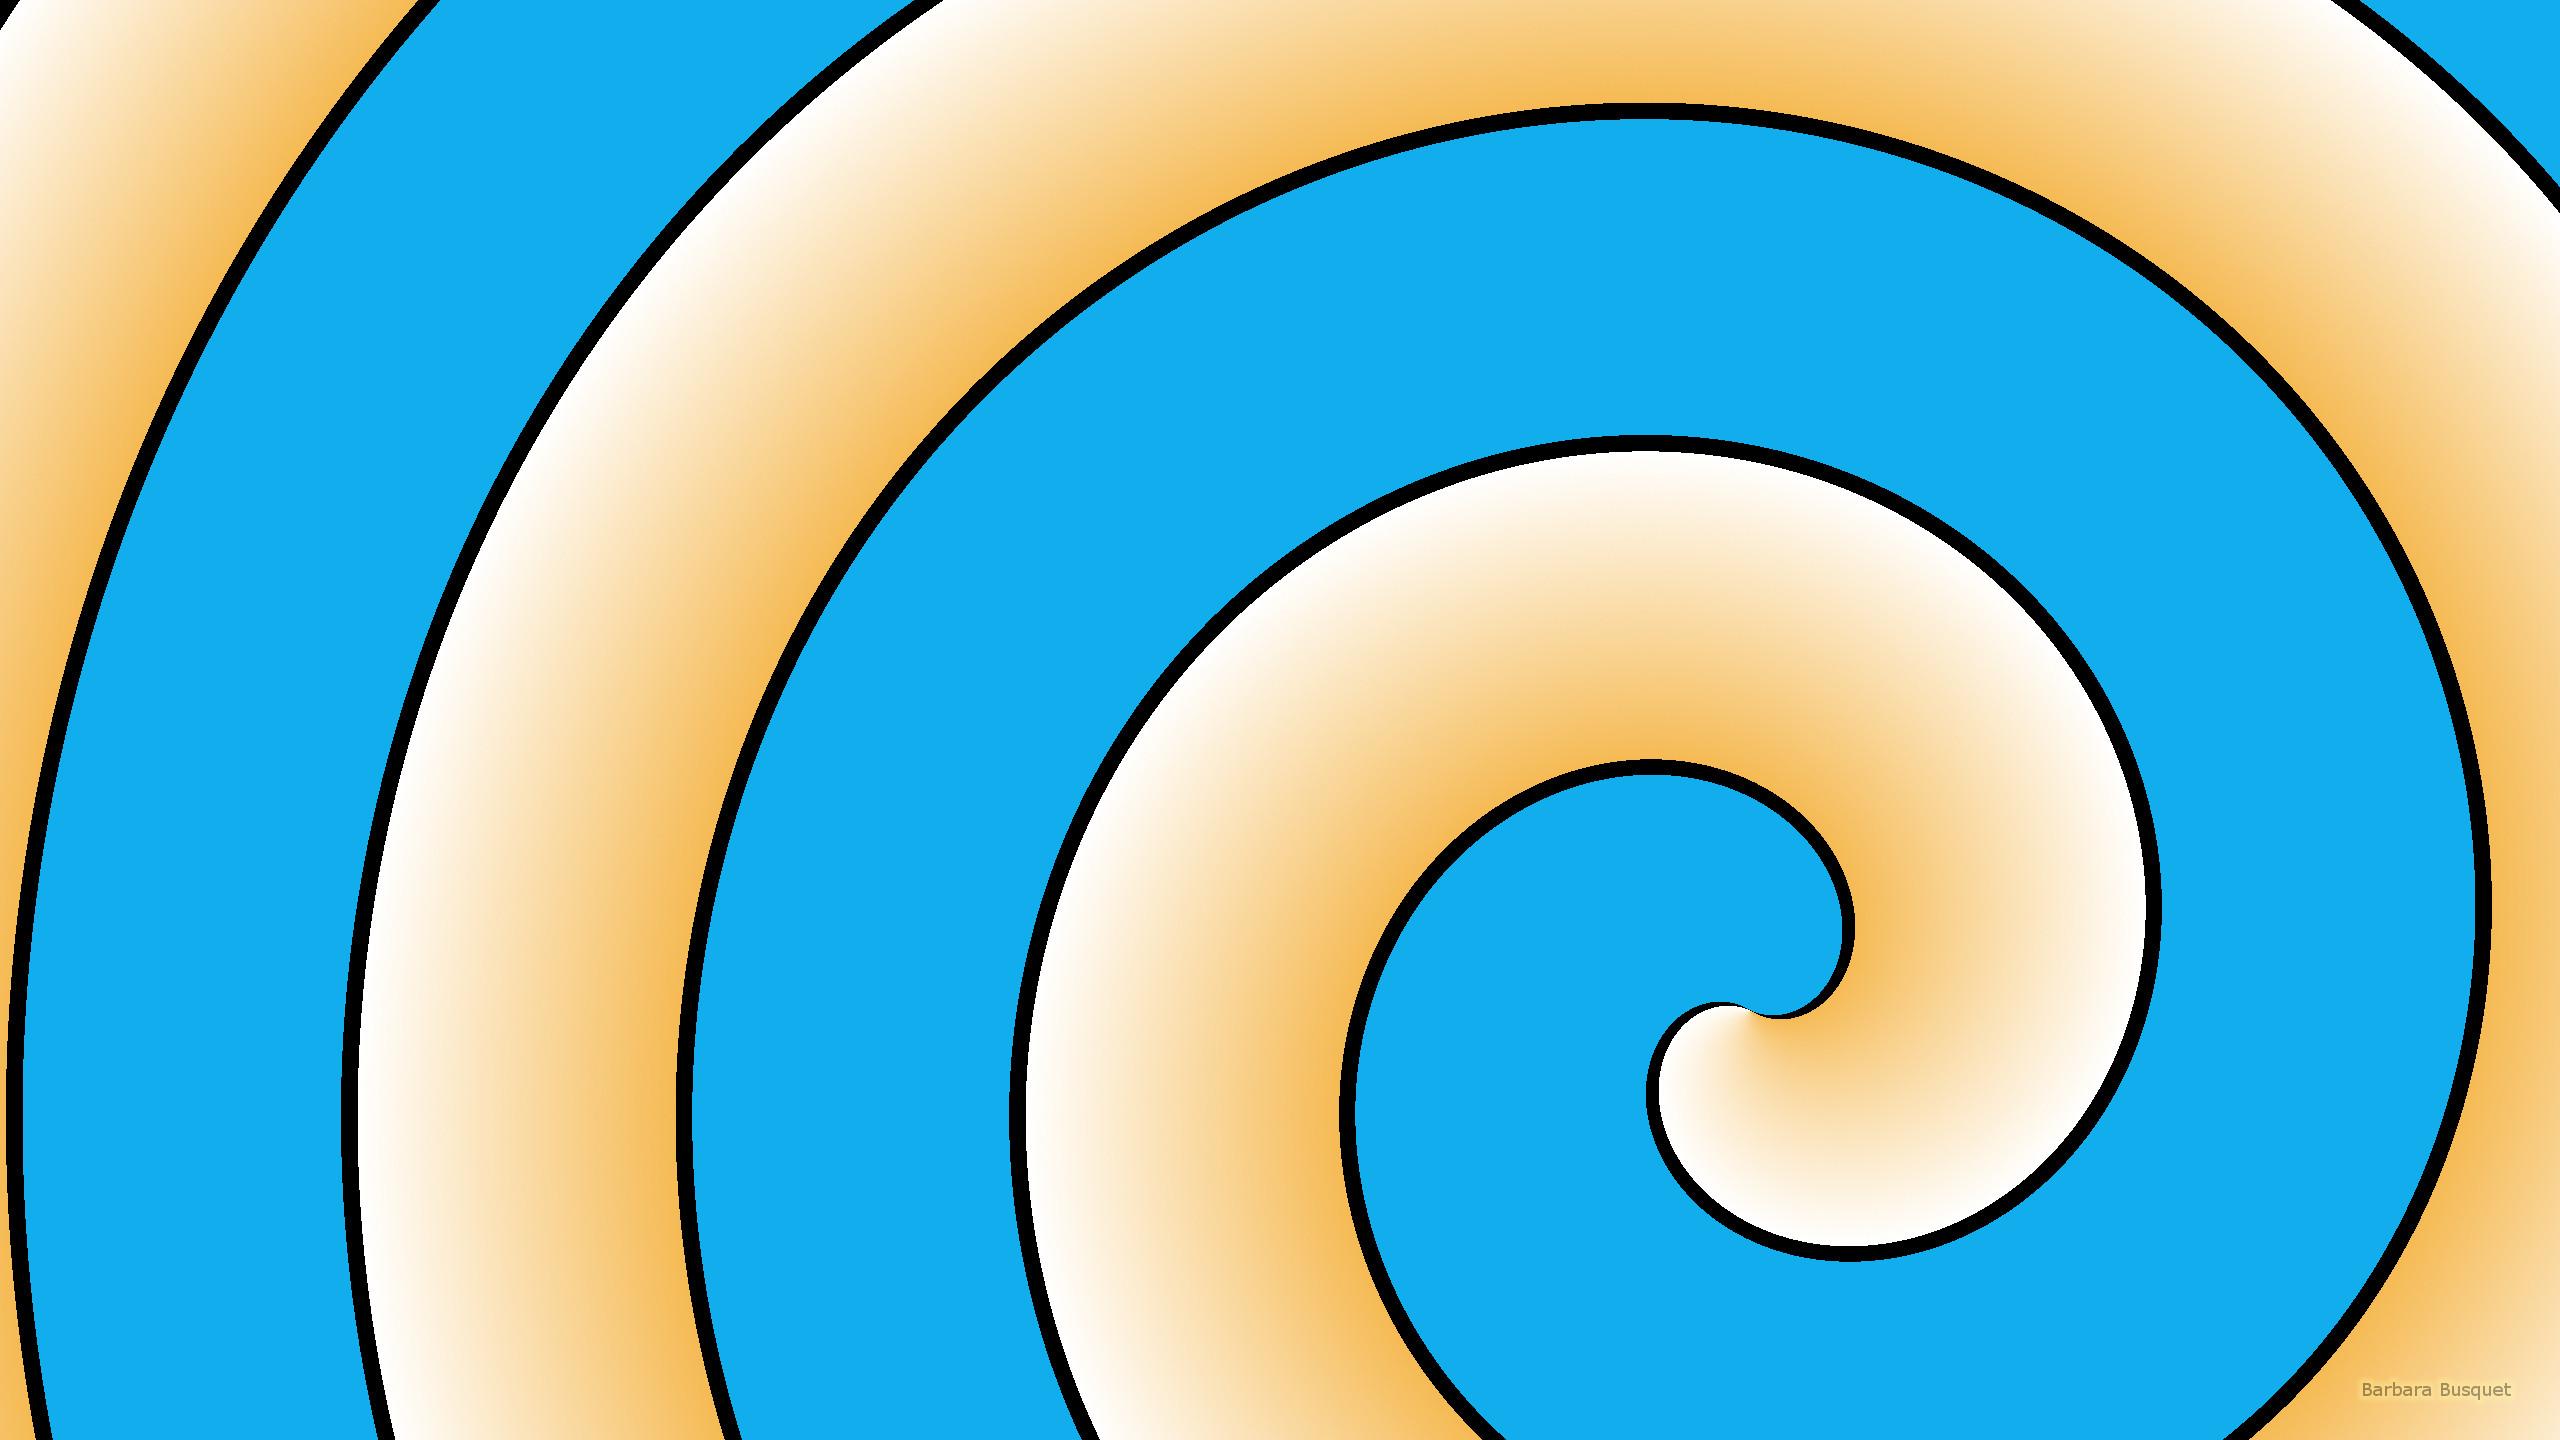 Blue Spirals Wallpapers: Spiral Pattern Wallpapers